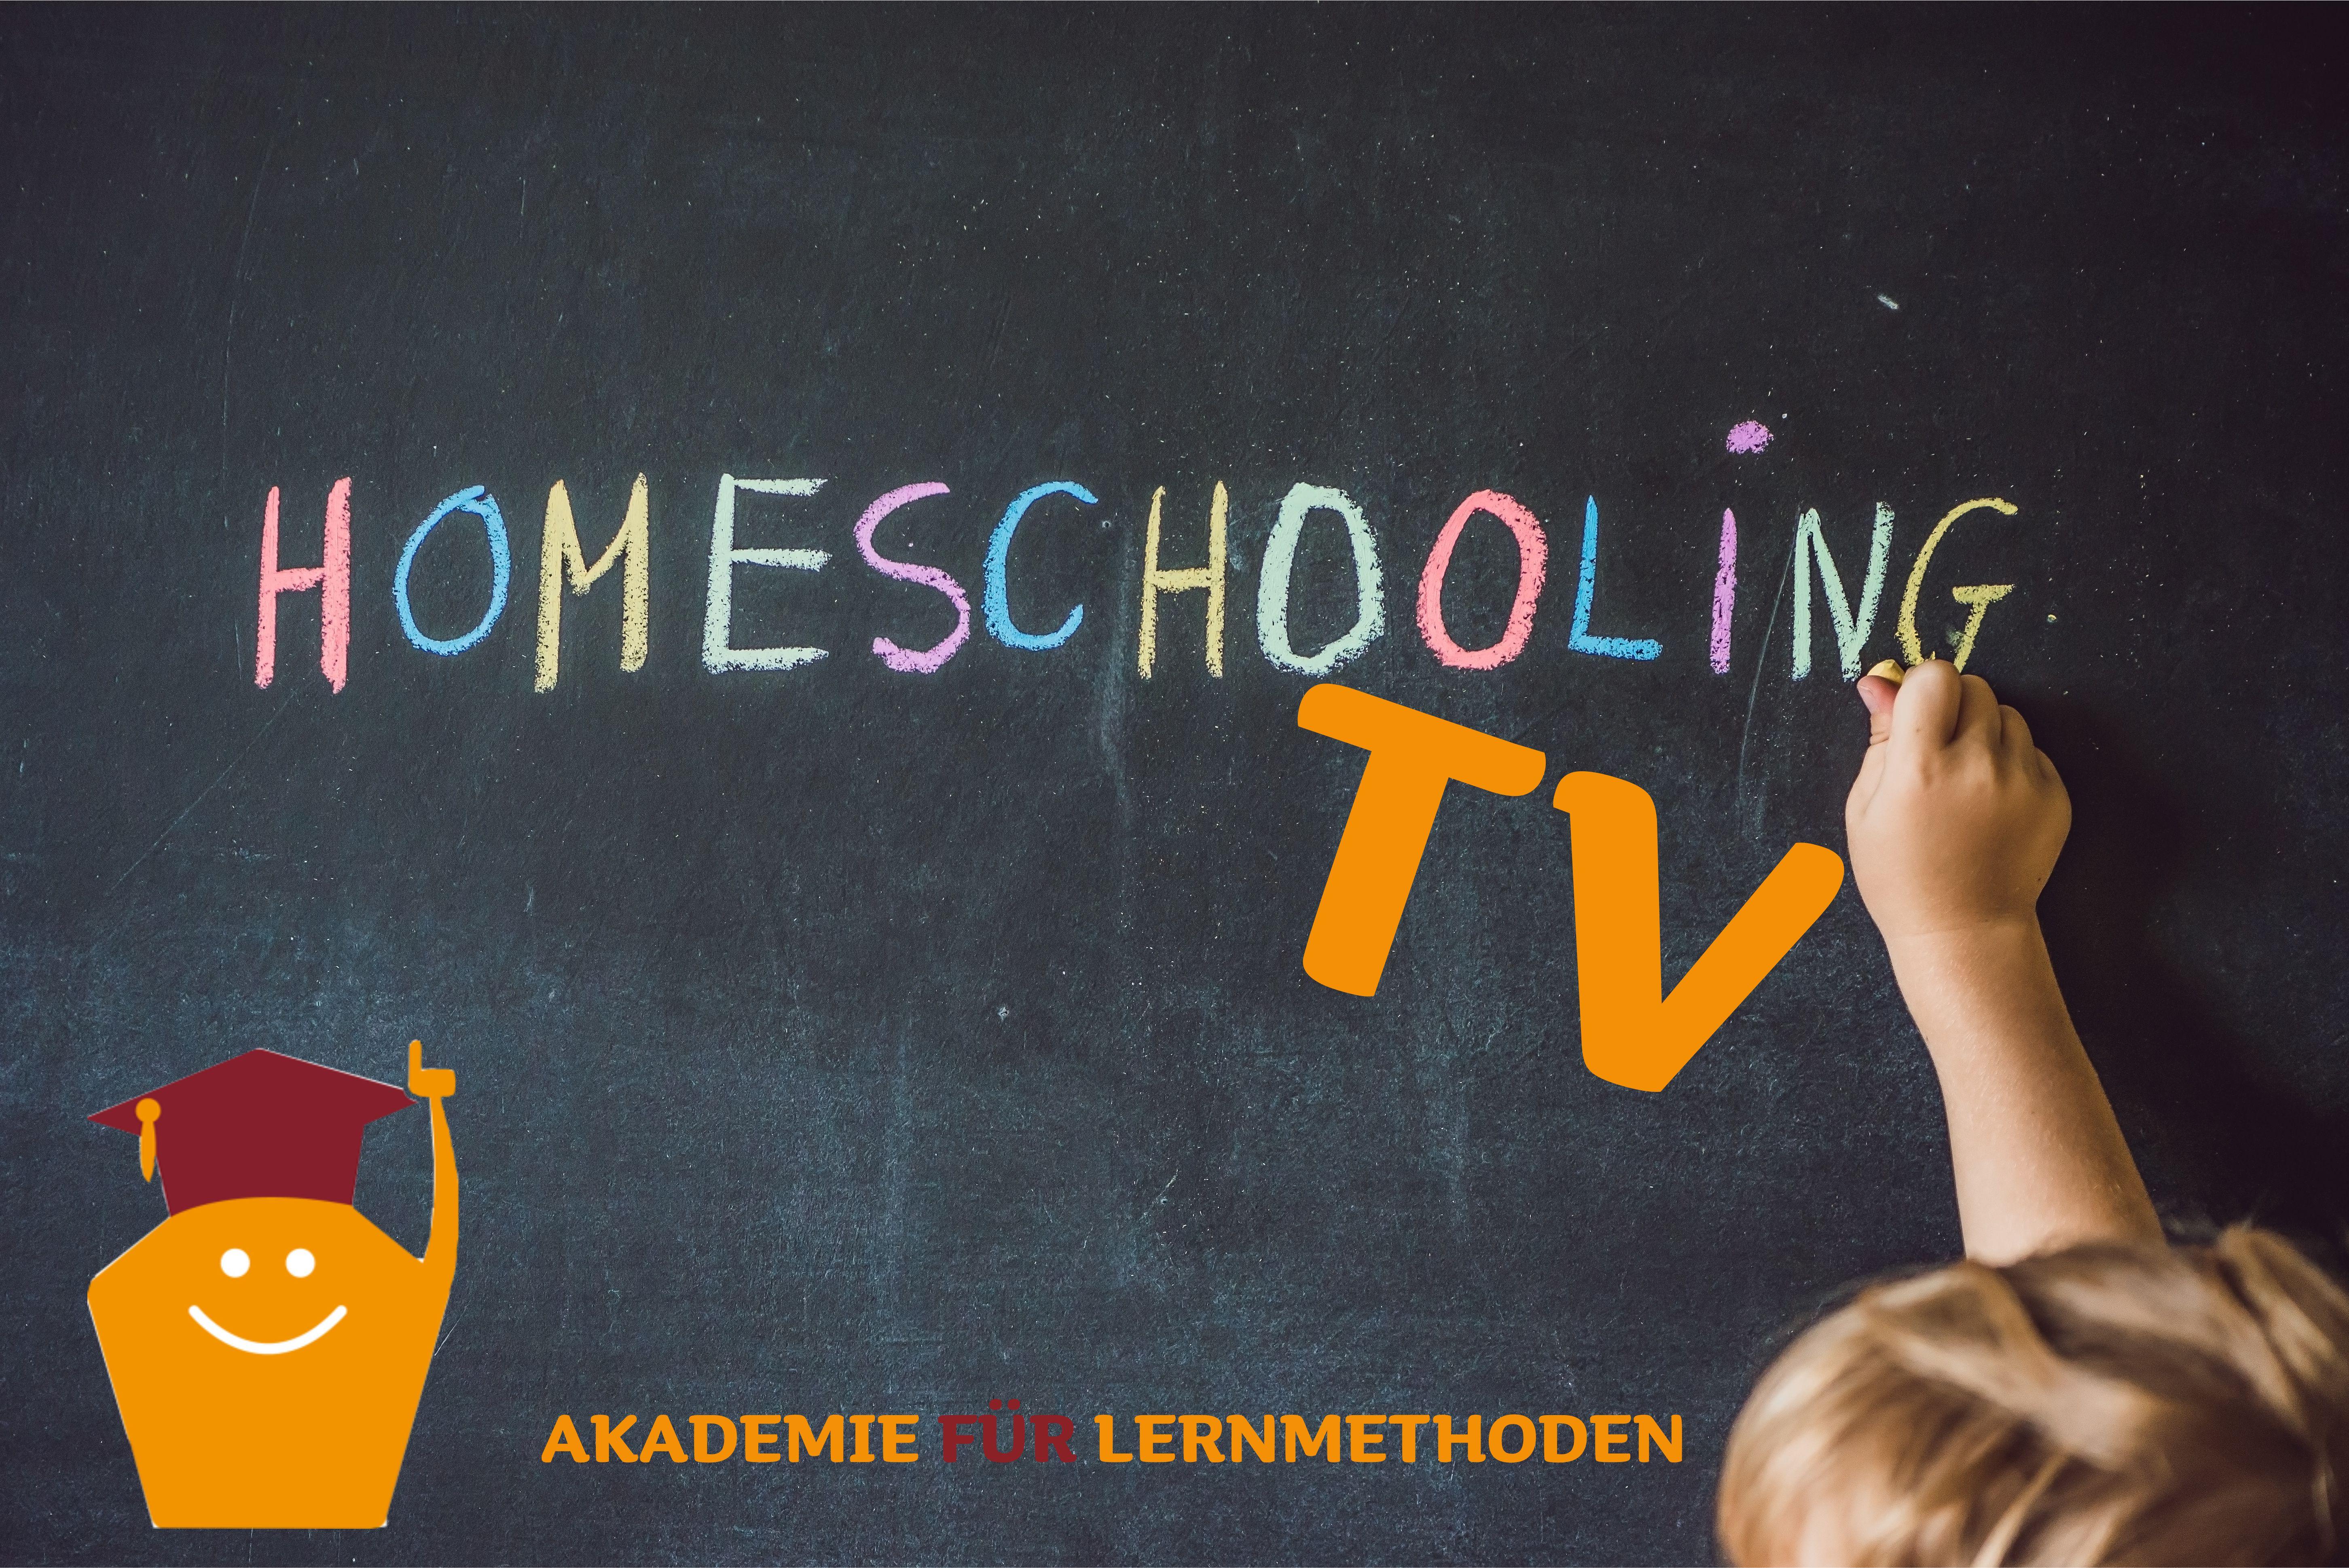 Homeschooling TV der Akademie für Lernmethoden